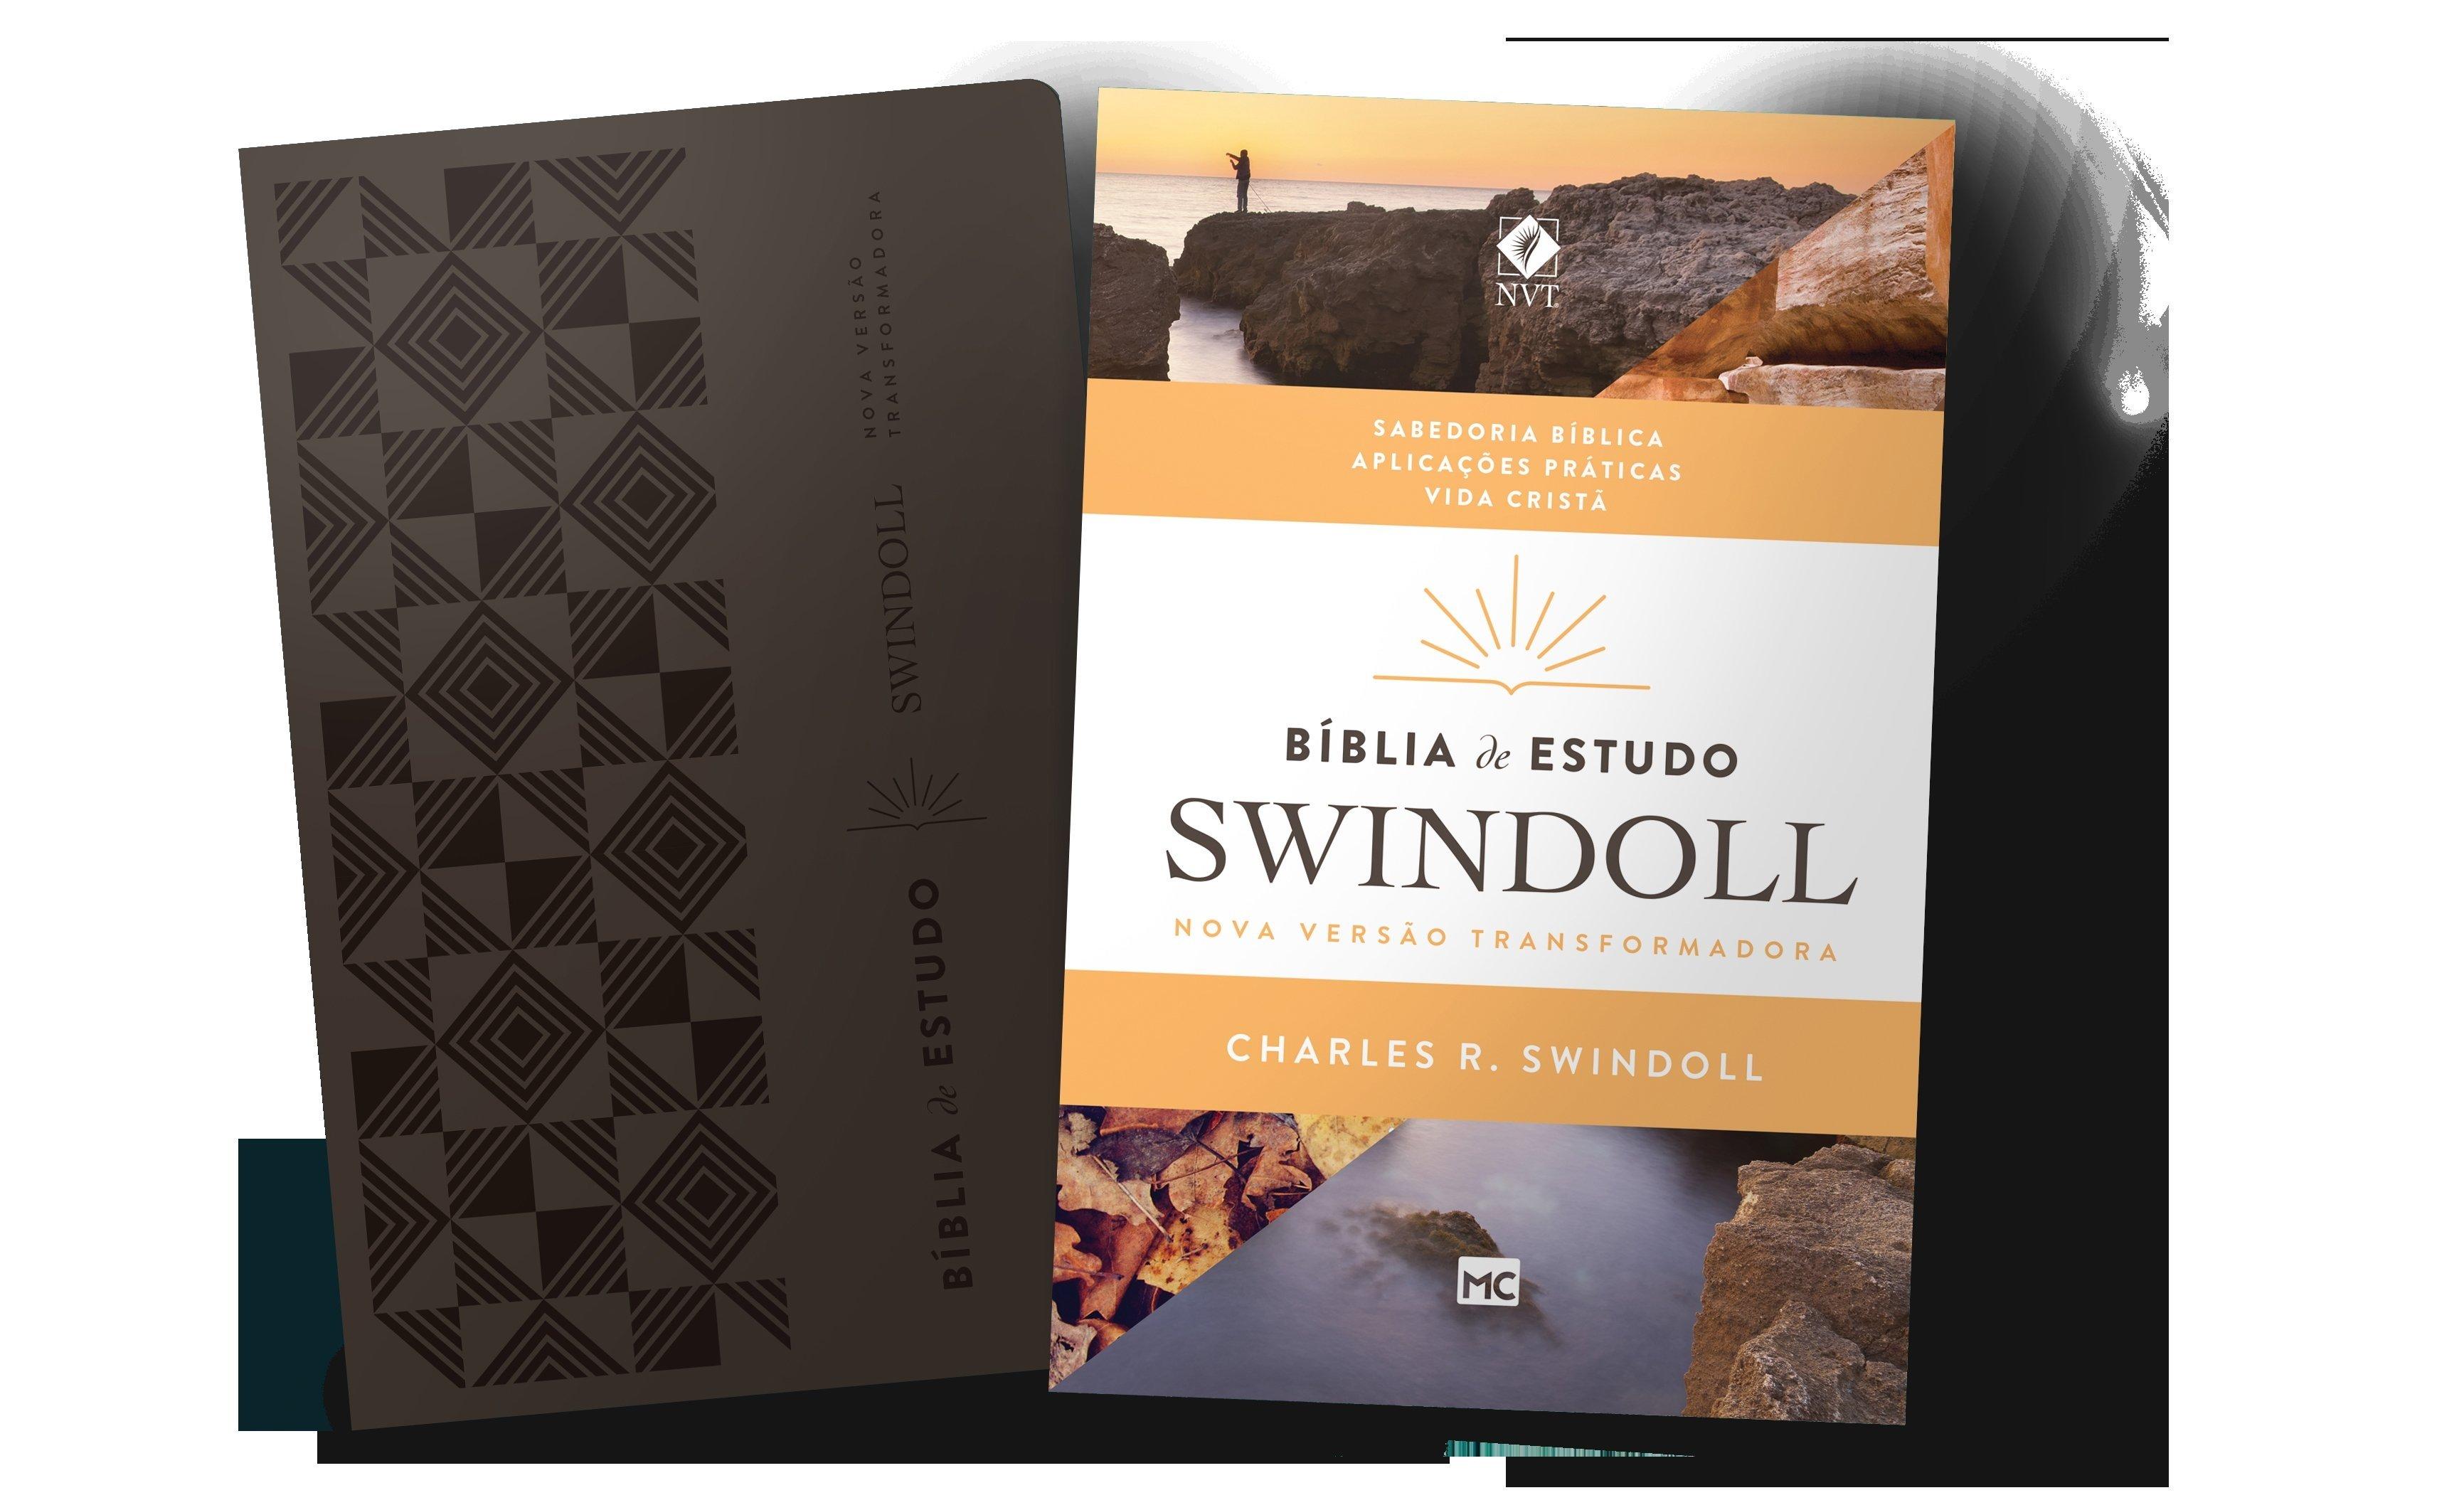 Bíblia com estudos de Charles Swindoll é lançada em linguagem moderna